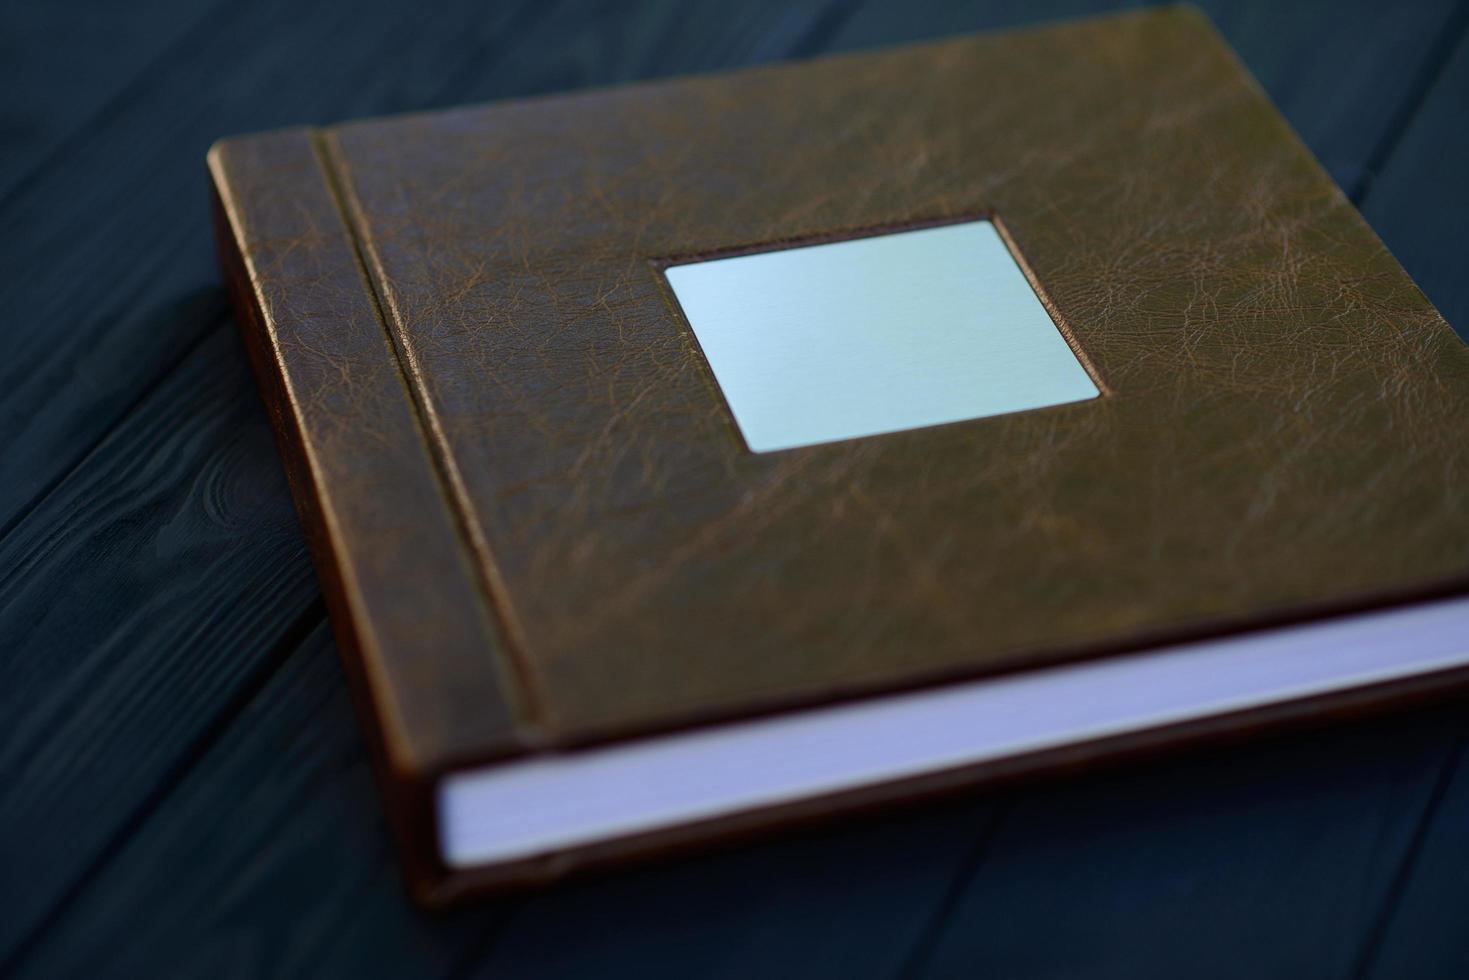 una targhetta in metallo sulla copertina di un fotolibro in pelle marrone su fondo in legno nero. foto